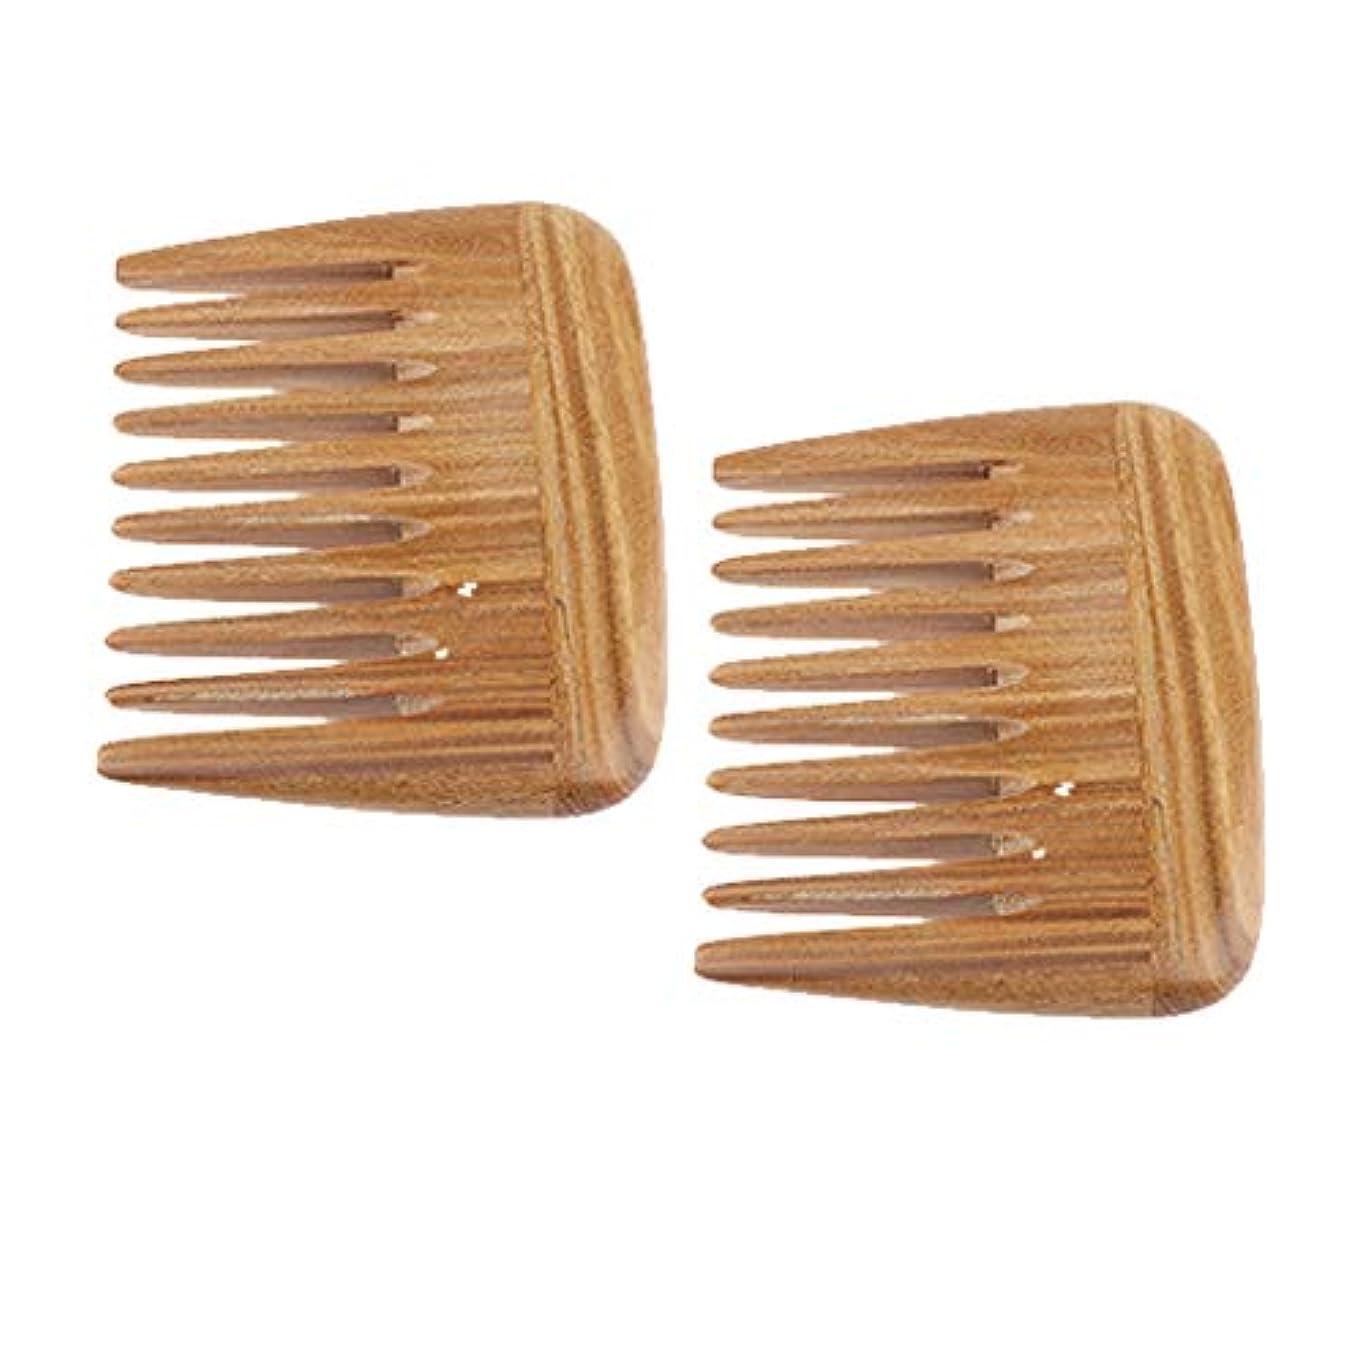 堤防ポインタ悲しいことにレトロポケットブラシ 静電気 防止天然マッサージ広い歯 髪の櫛 2個入り